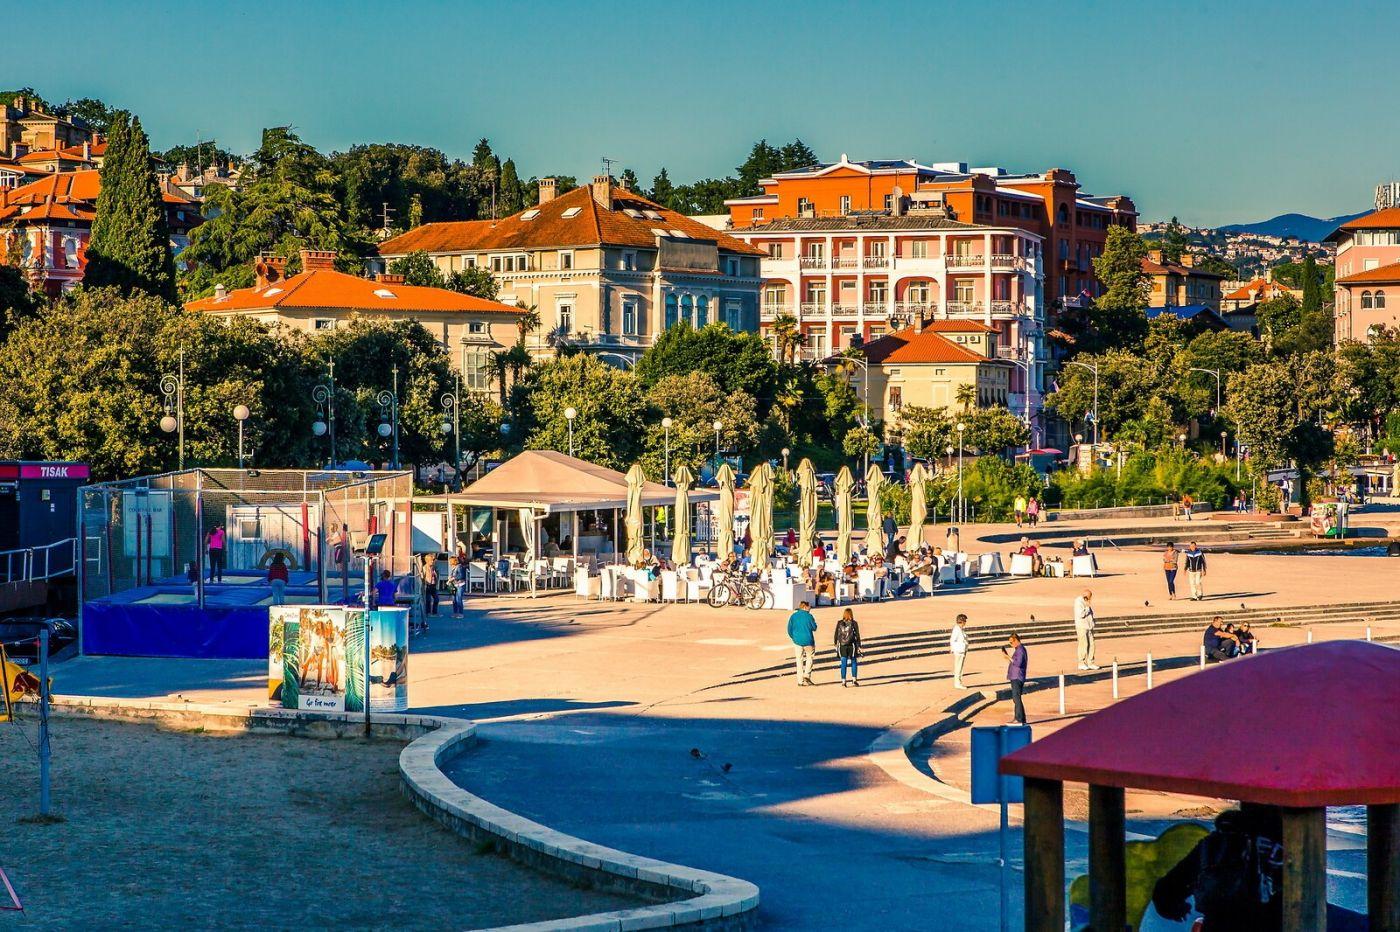 克罗地亚奥帕蒂亚(Opatija),洒满阳光的海滨城市_图1-4